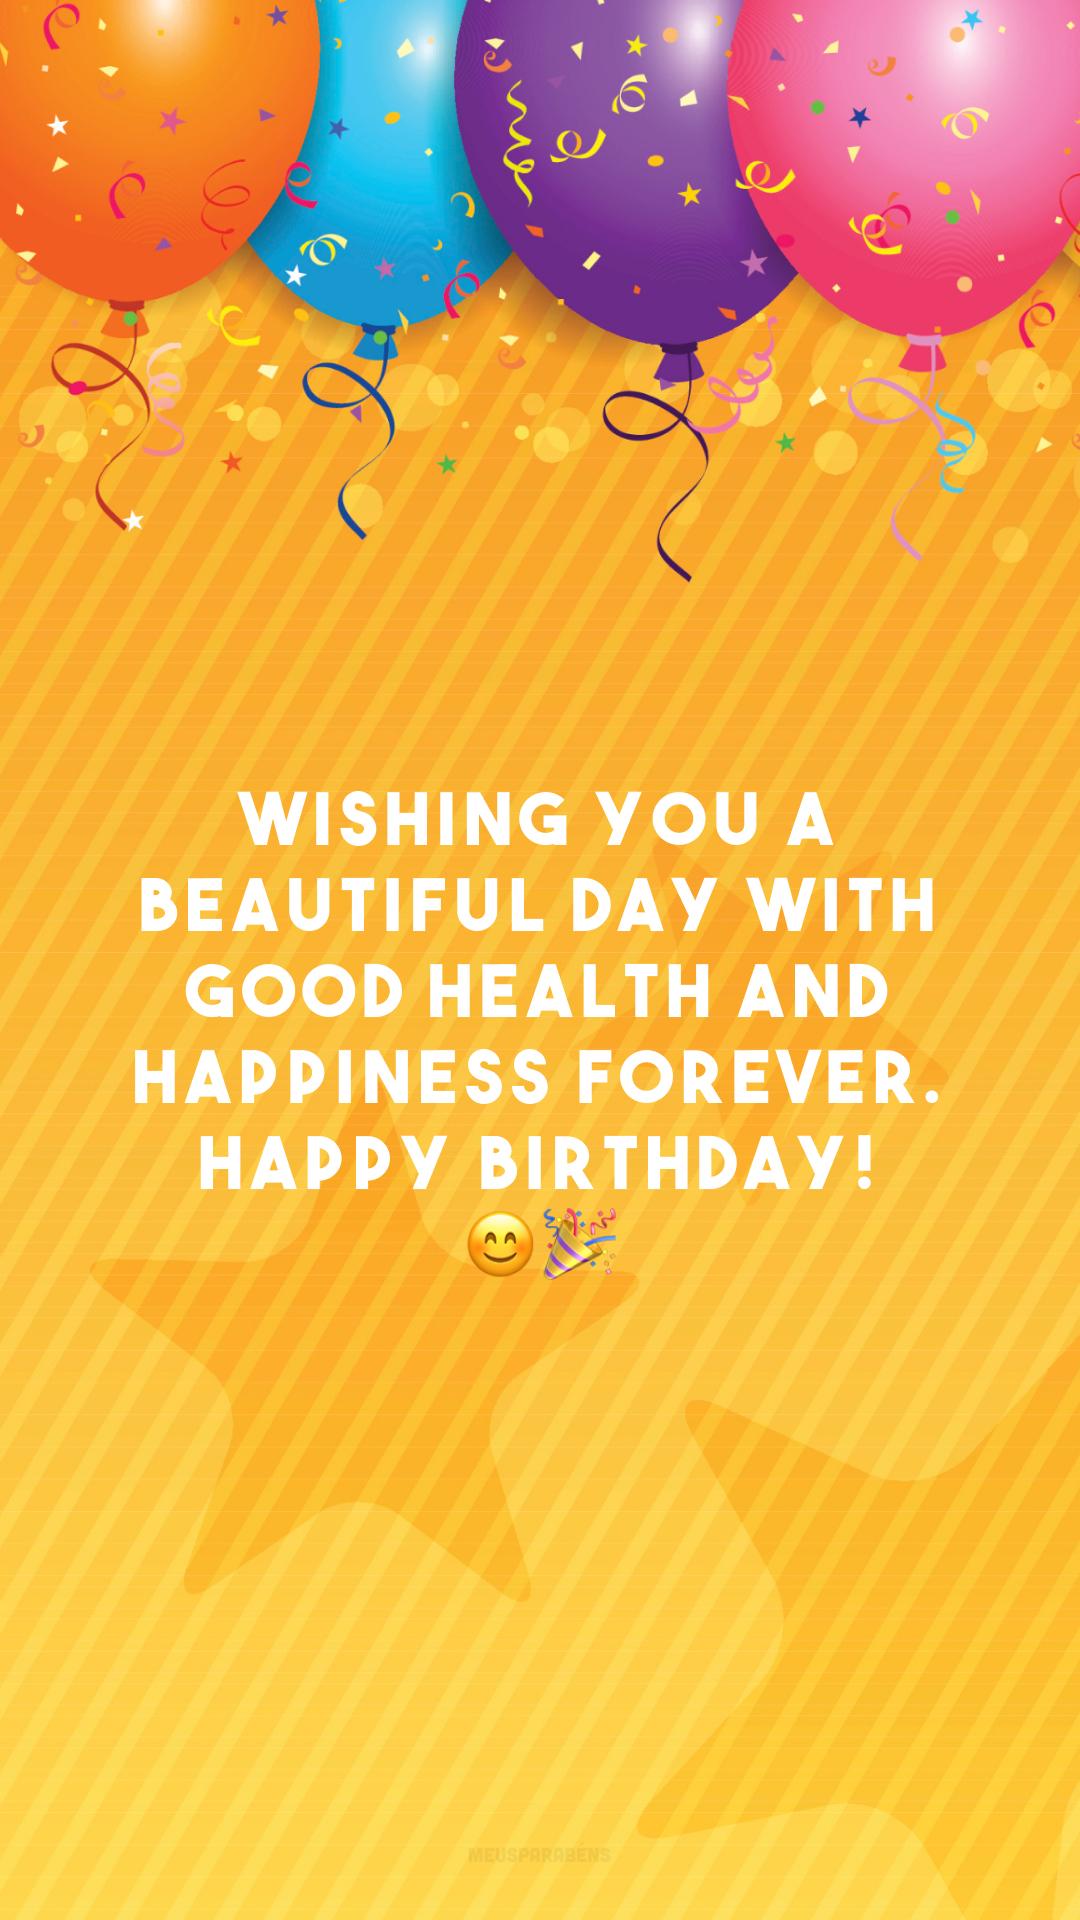 Wishing you a beautiful day with good health and happiness forever. Happy birthday! 😊🎉 (Desejo a você um dia lindo, com muita saúde e felicidades sem fim. Feliz aniversário!)